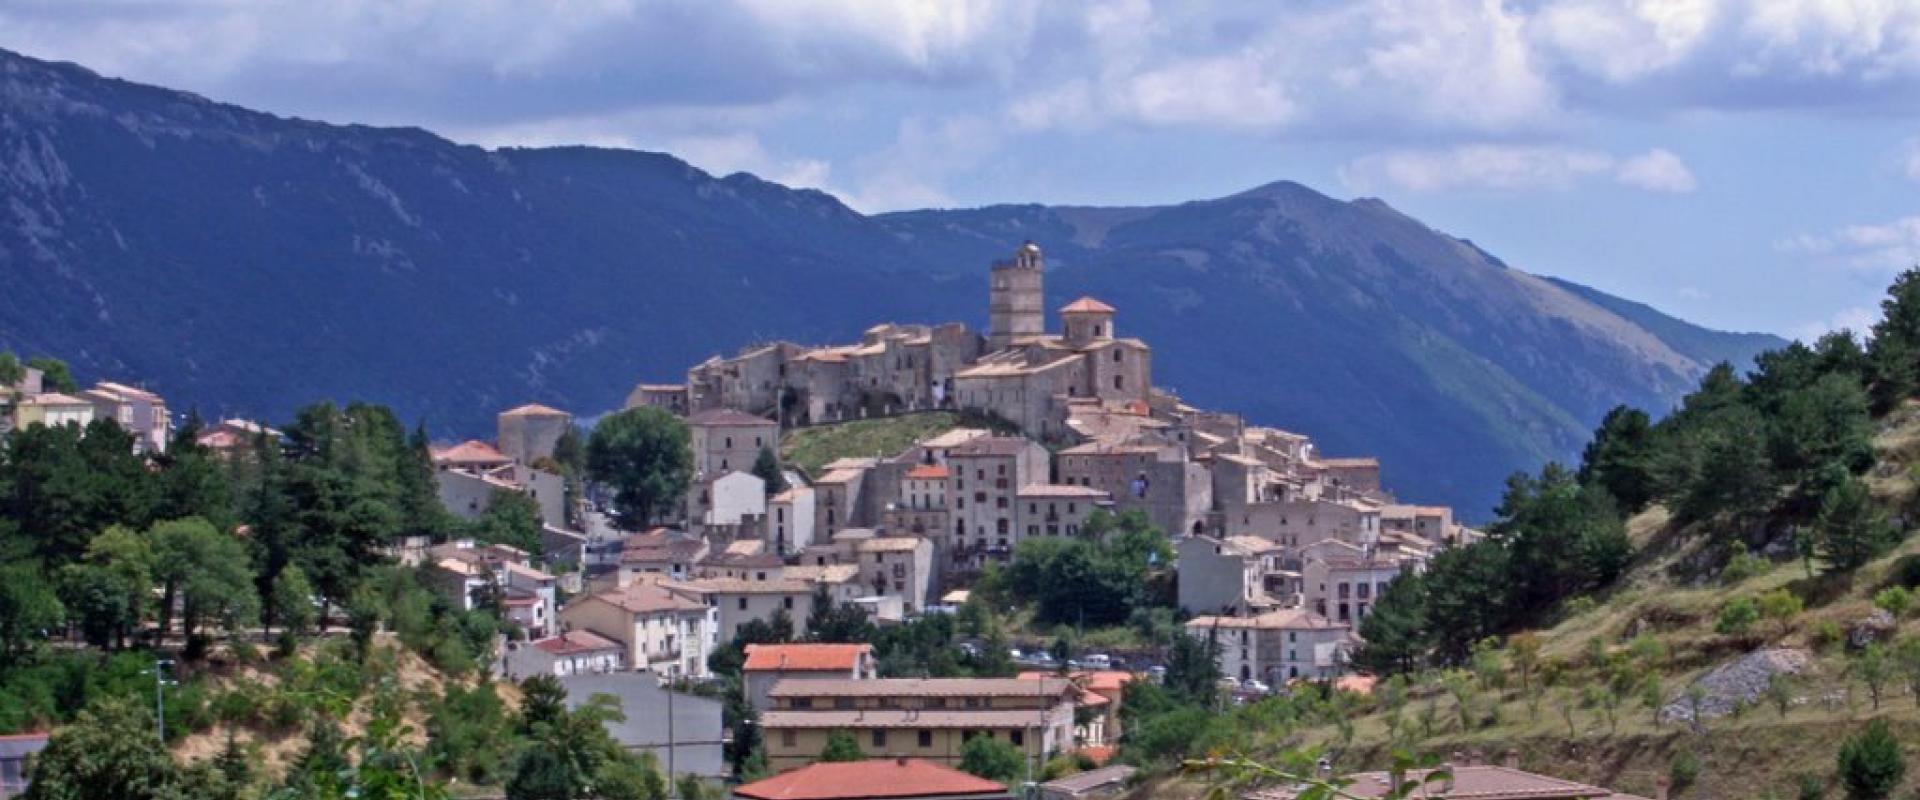 Visit of Castel del Monte Abruzzo